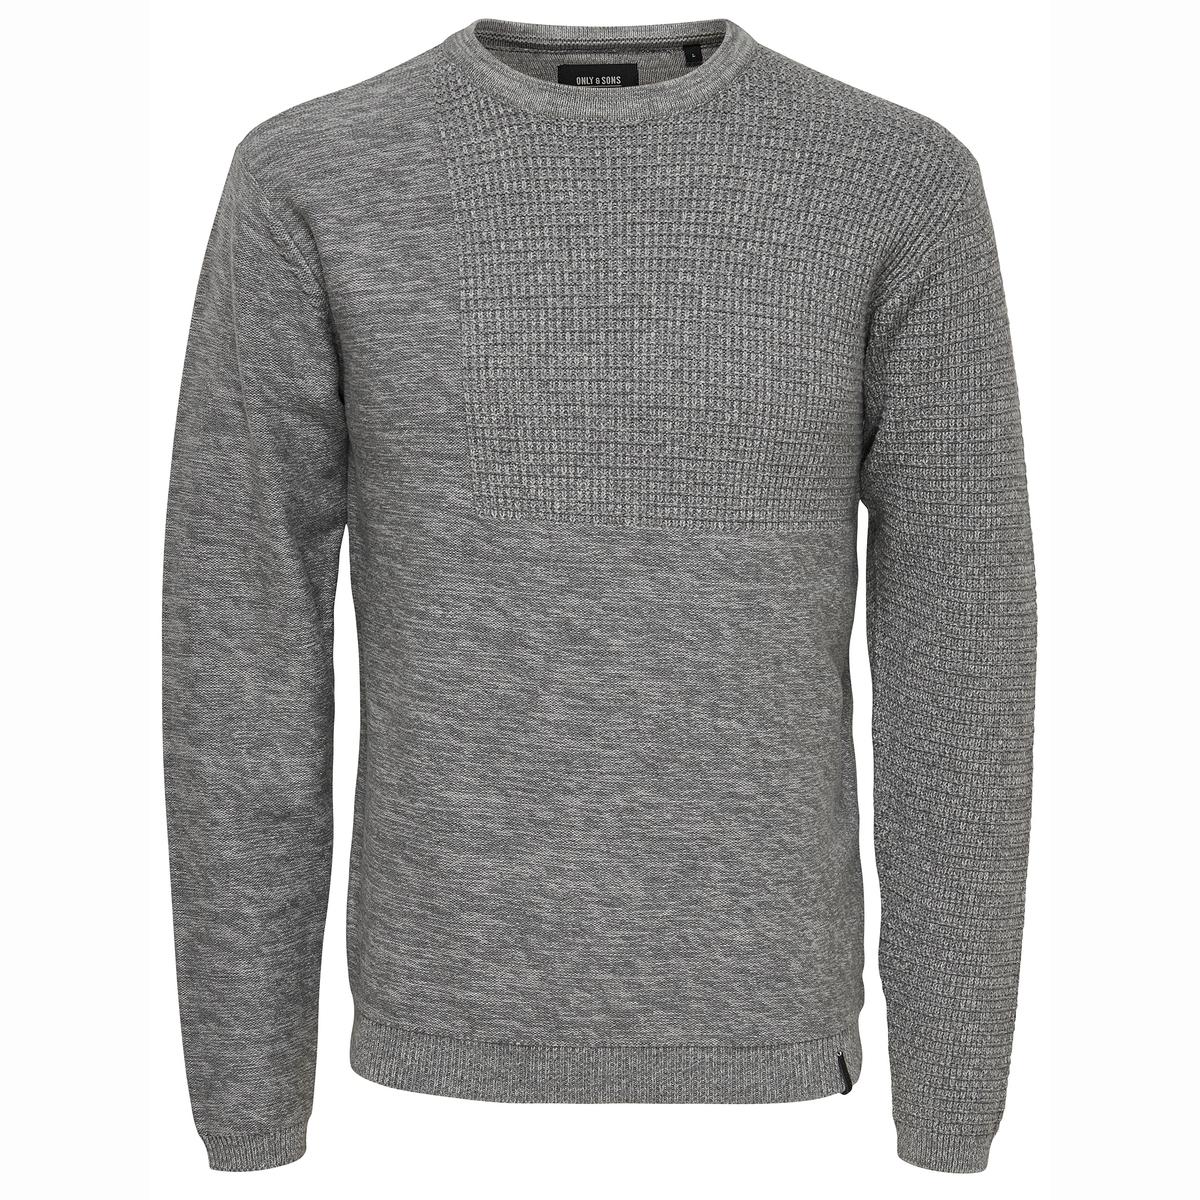 Пуловер из оригинального трикотажа DuncanСостав и описание: :Материал : 90% хлопка, 10% полиамида, нейлона®.Марка : ONLY &amp; SONS.<br><br>Цвет: серый меланж<br>Размер: XL